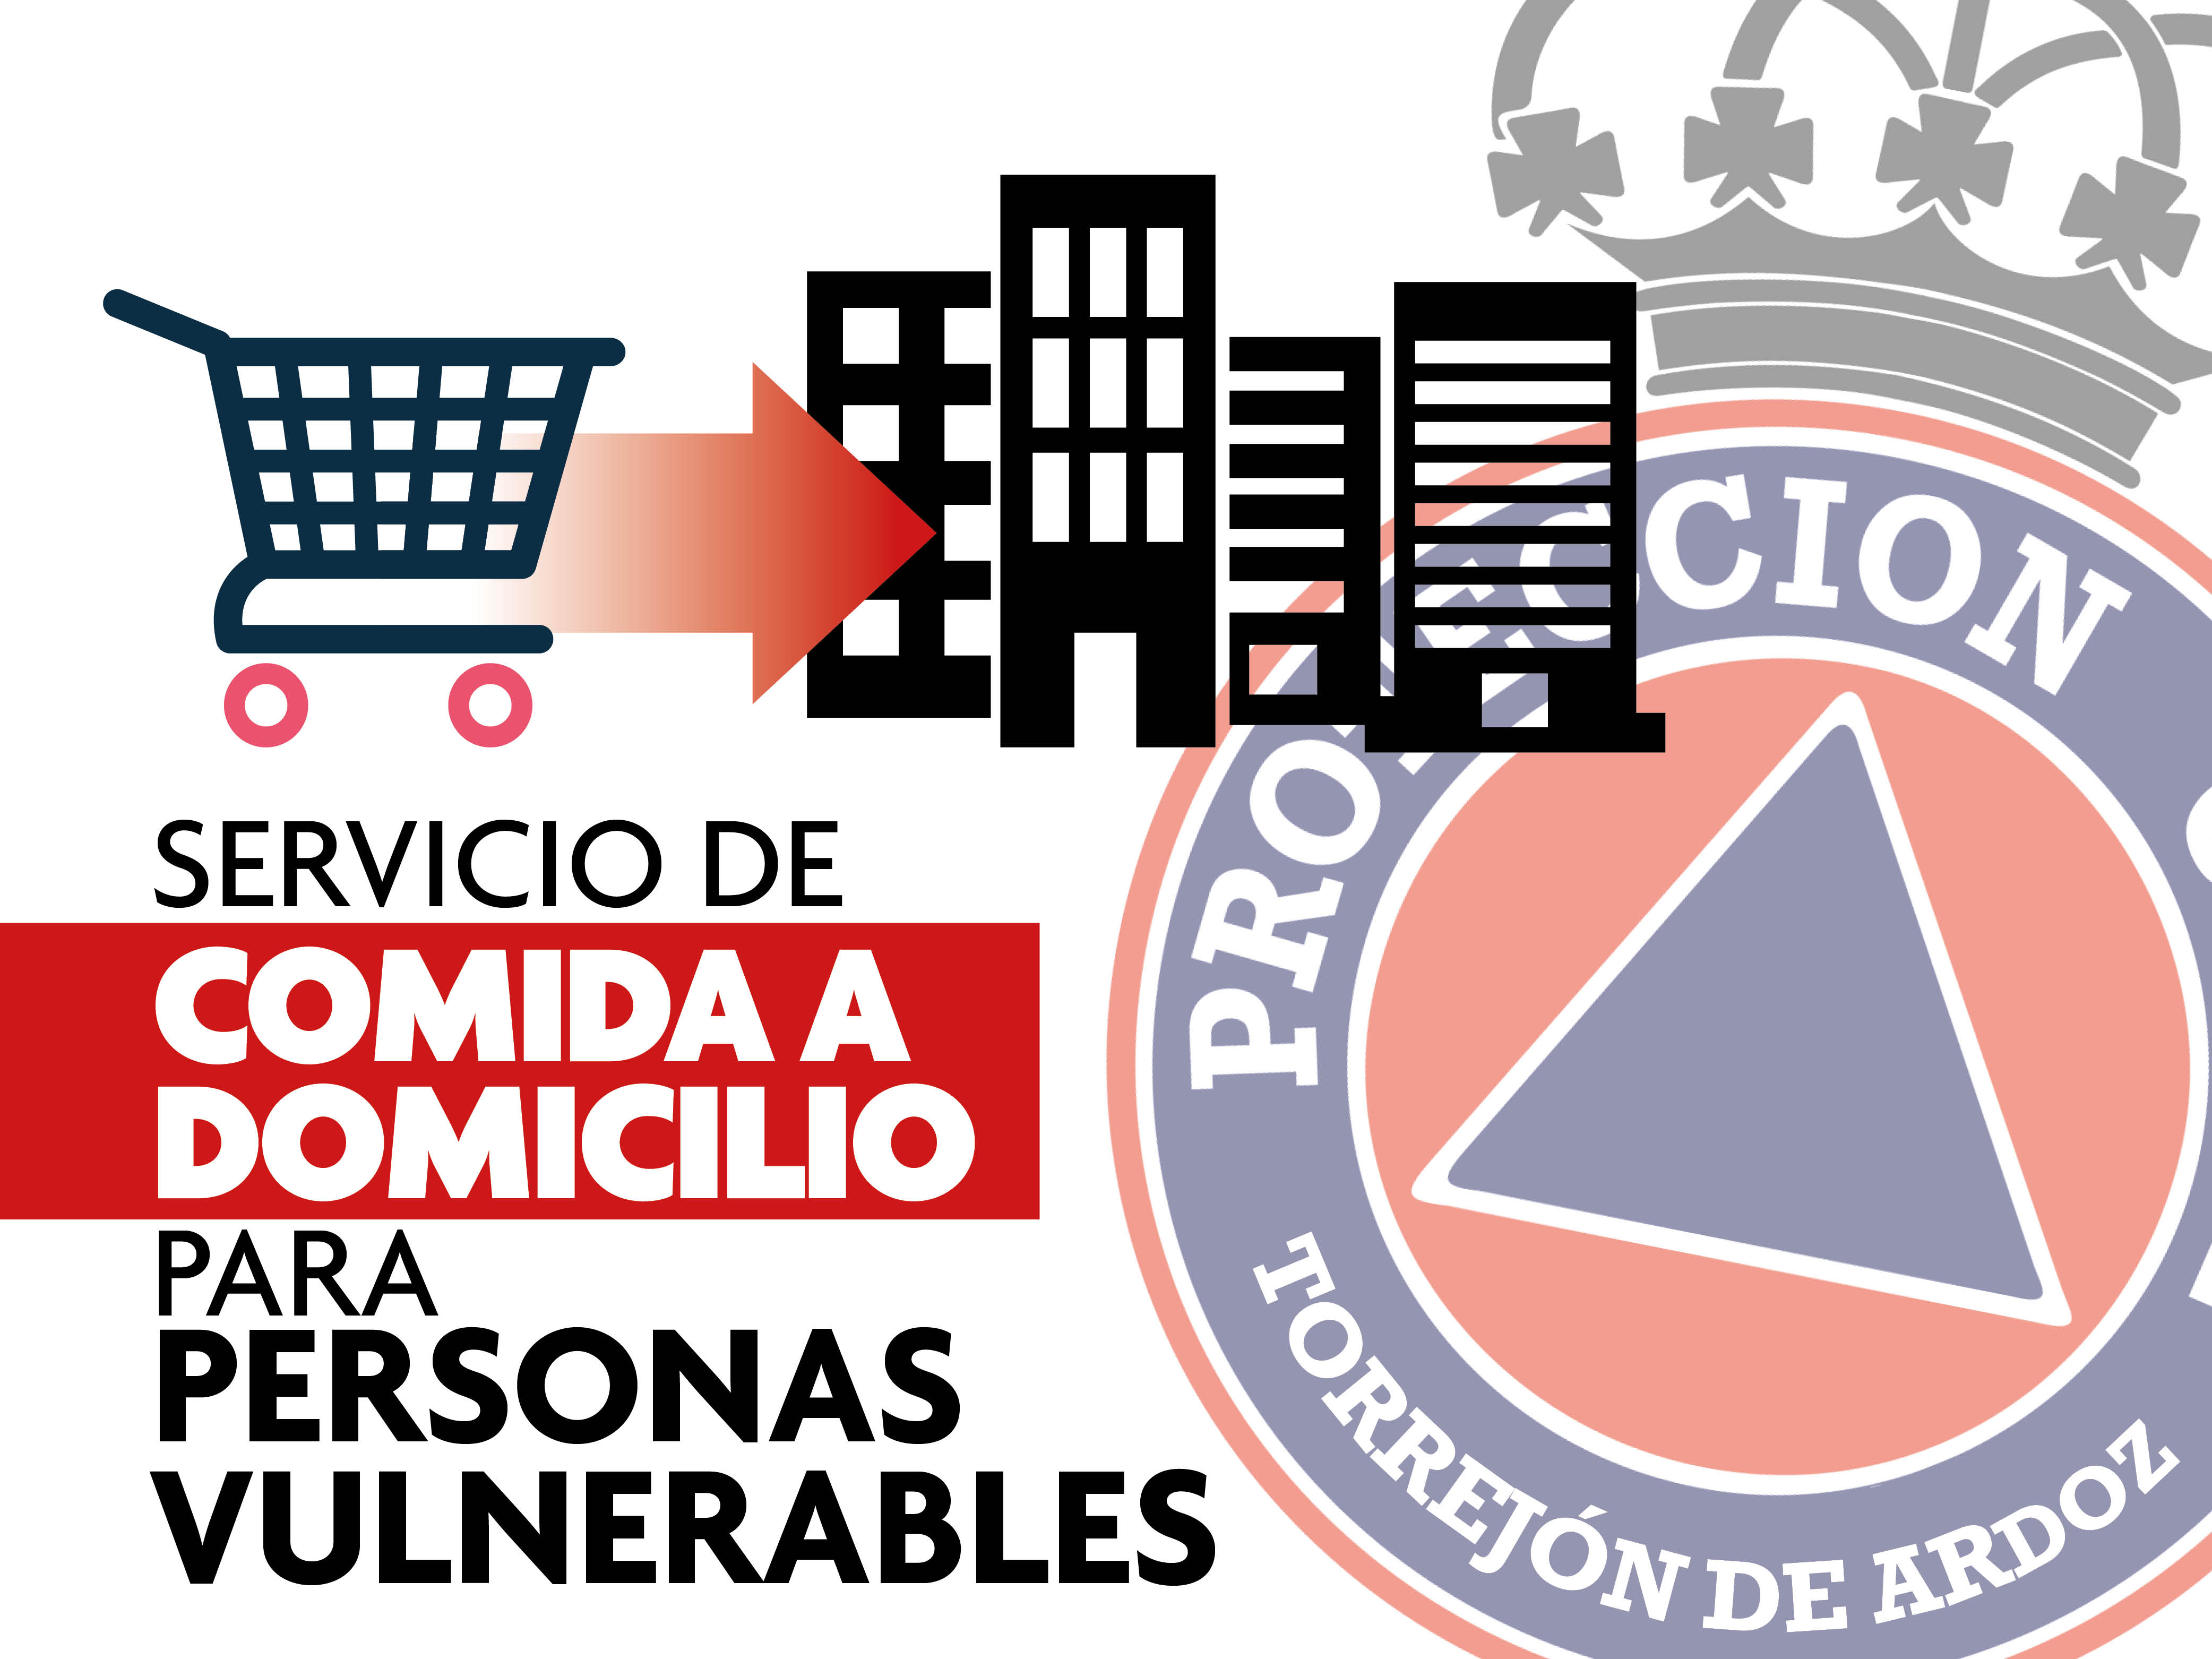 Protección Civil de Torrejón de Ardoz pone en marcha un servicio de compra a domicilio de alimentos básicos y medicinas para las personas vulnerables ante el confinamiento por el coronavirus